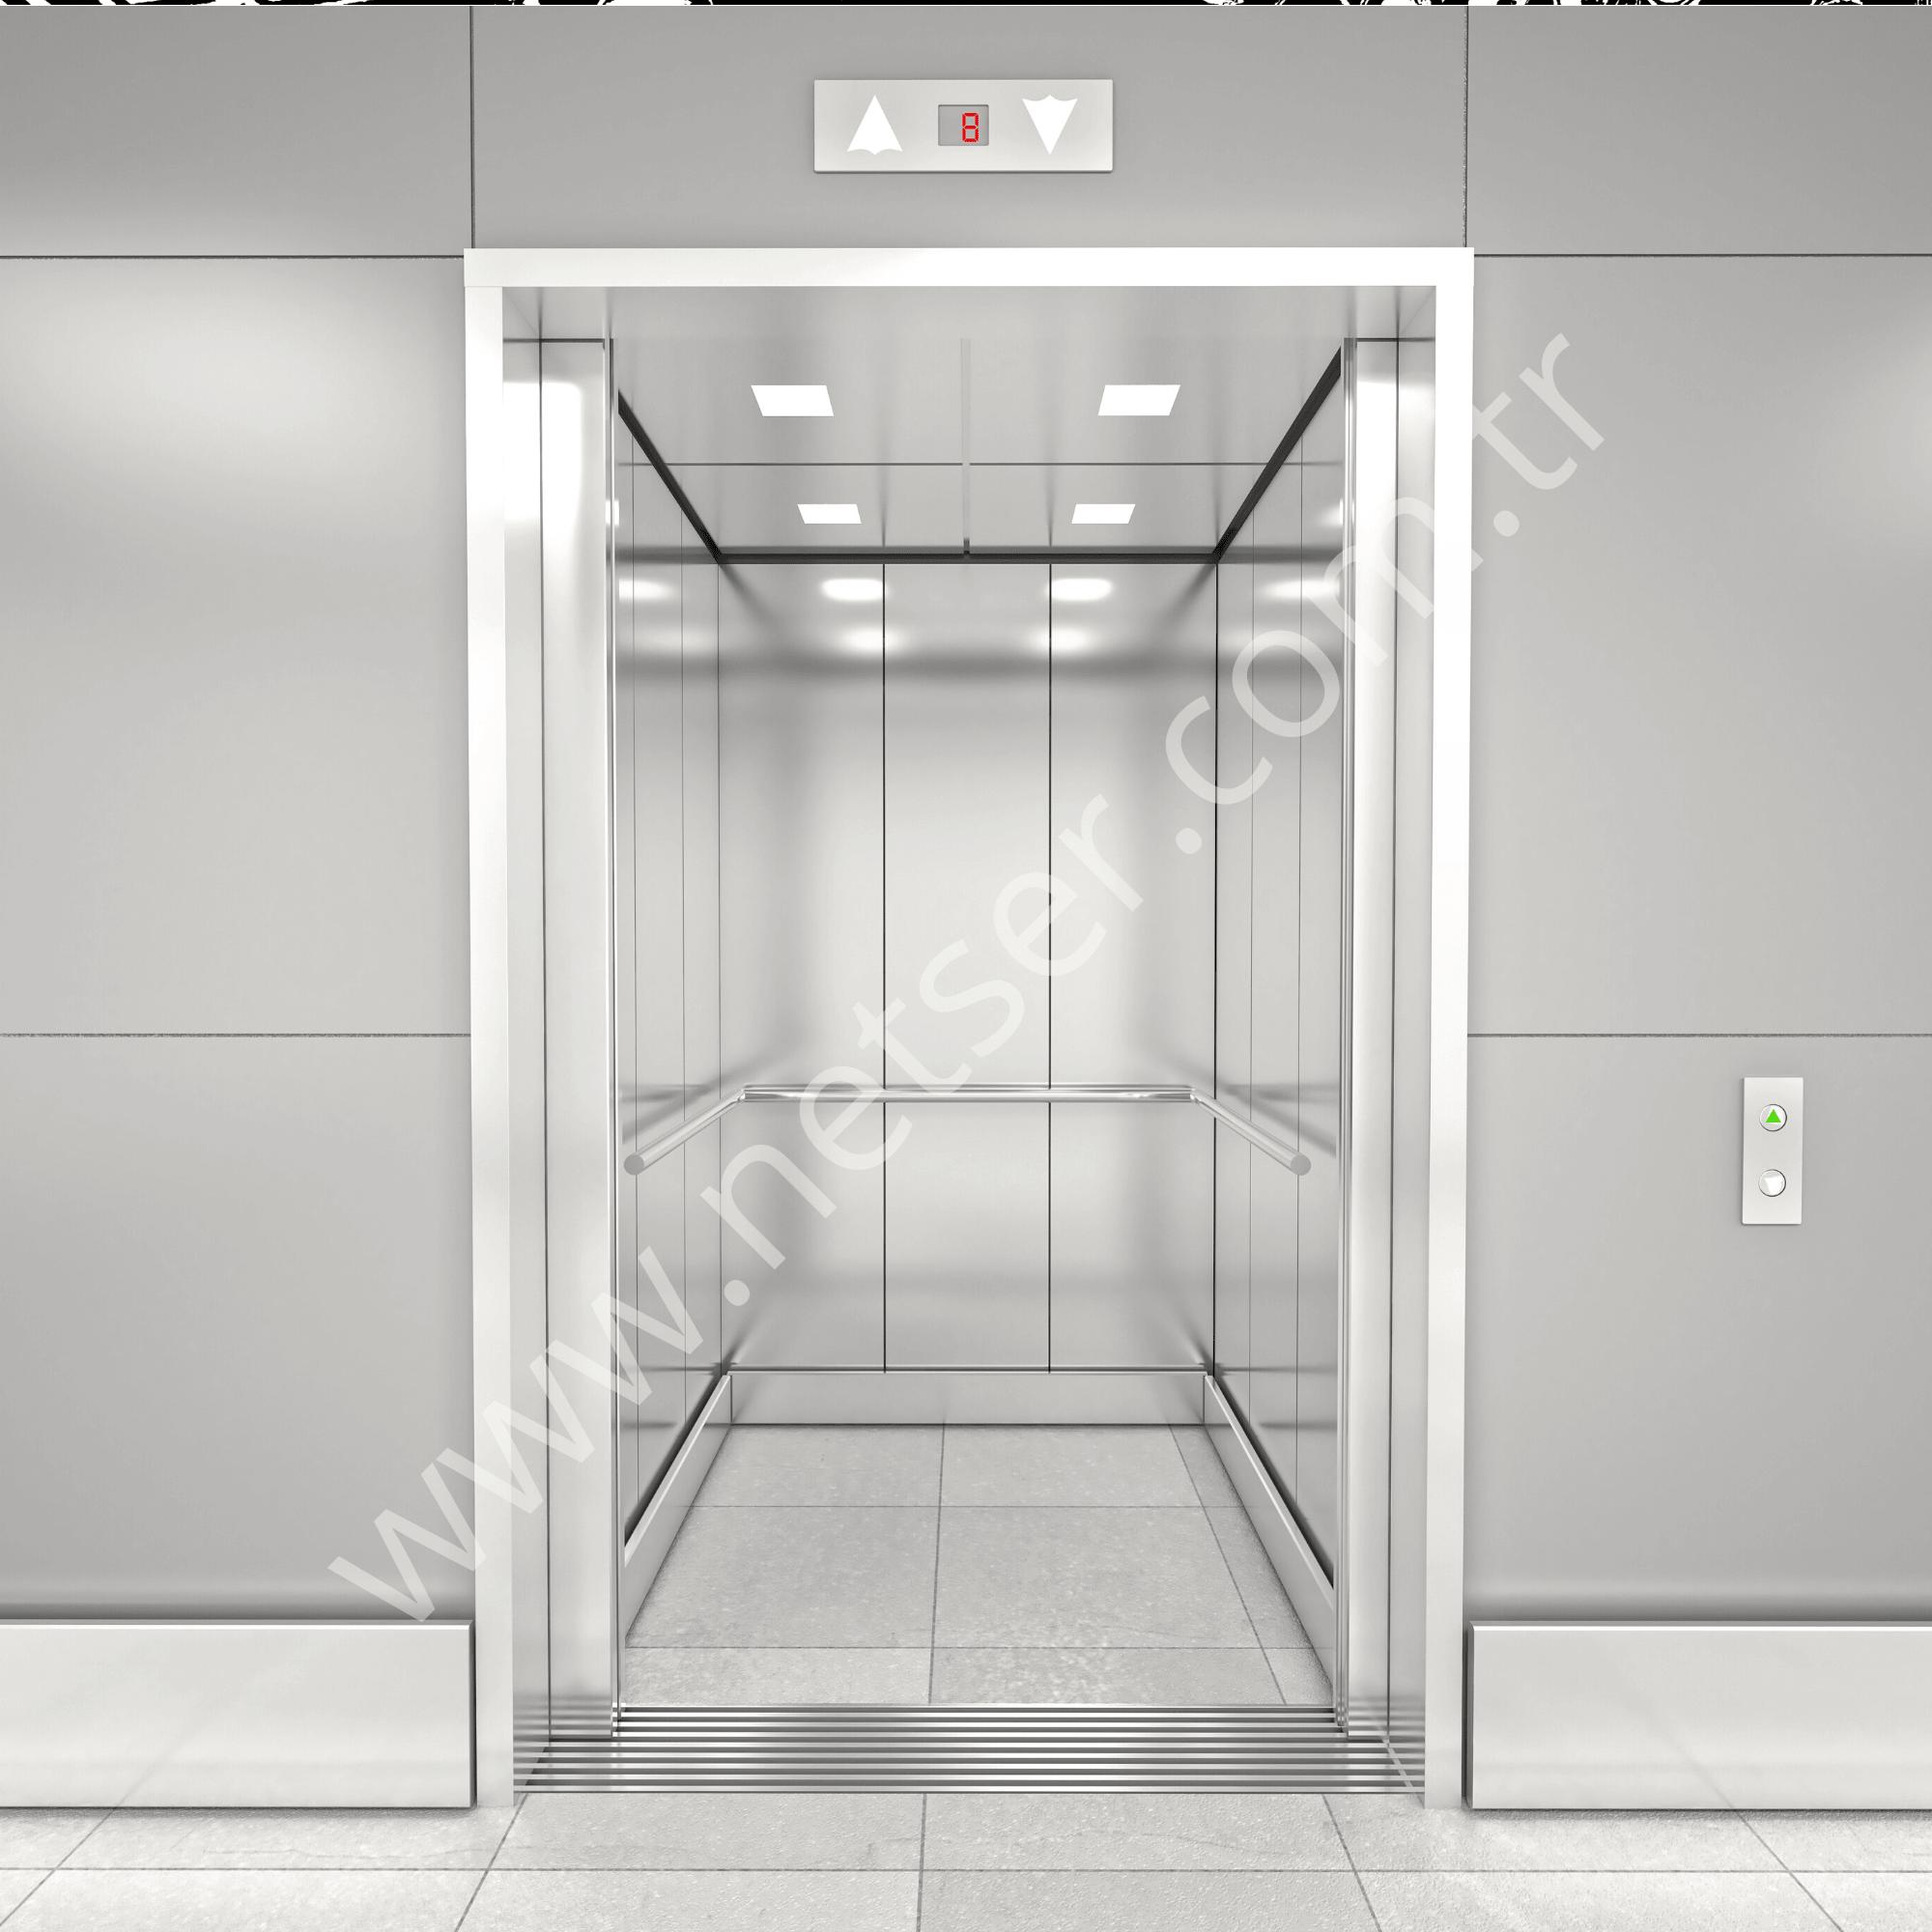 Asansör Haberleşme Sistemleri